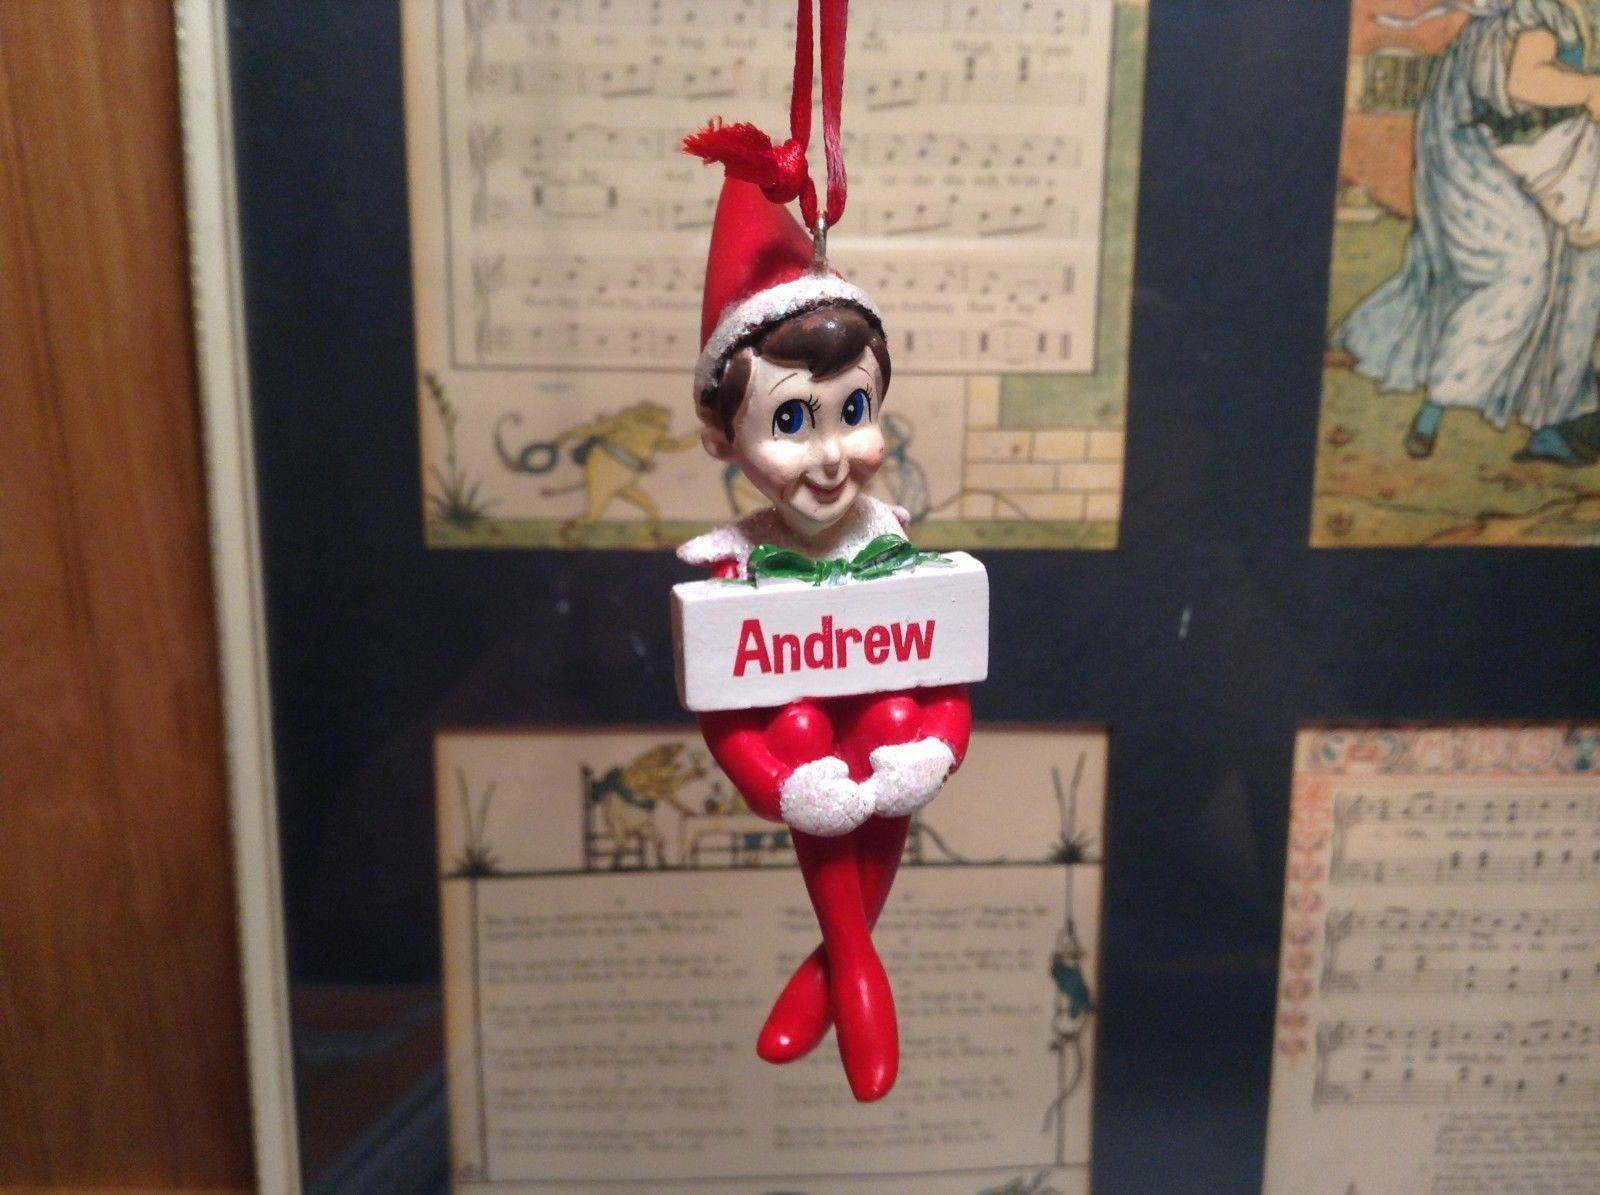 Dept 56 - Elf on the Shelf - Elf named Andrew Christmas Ornament